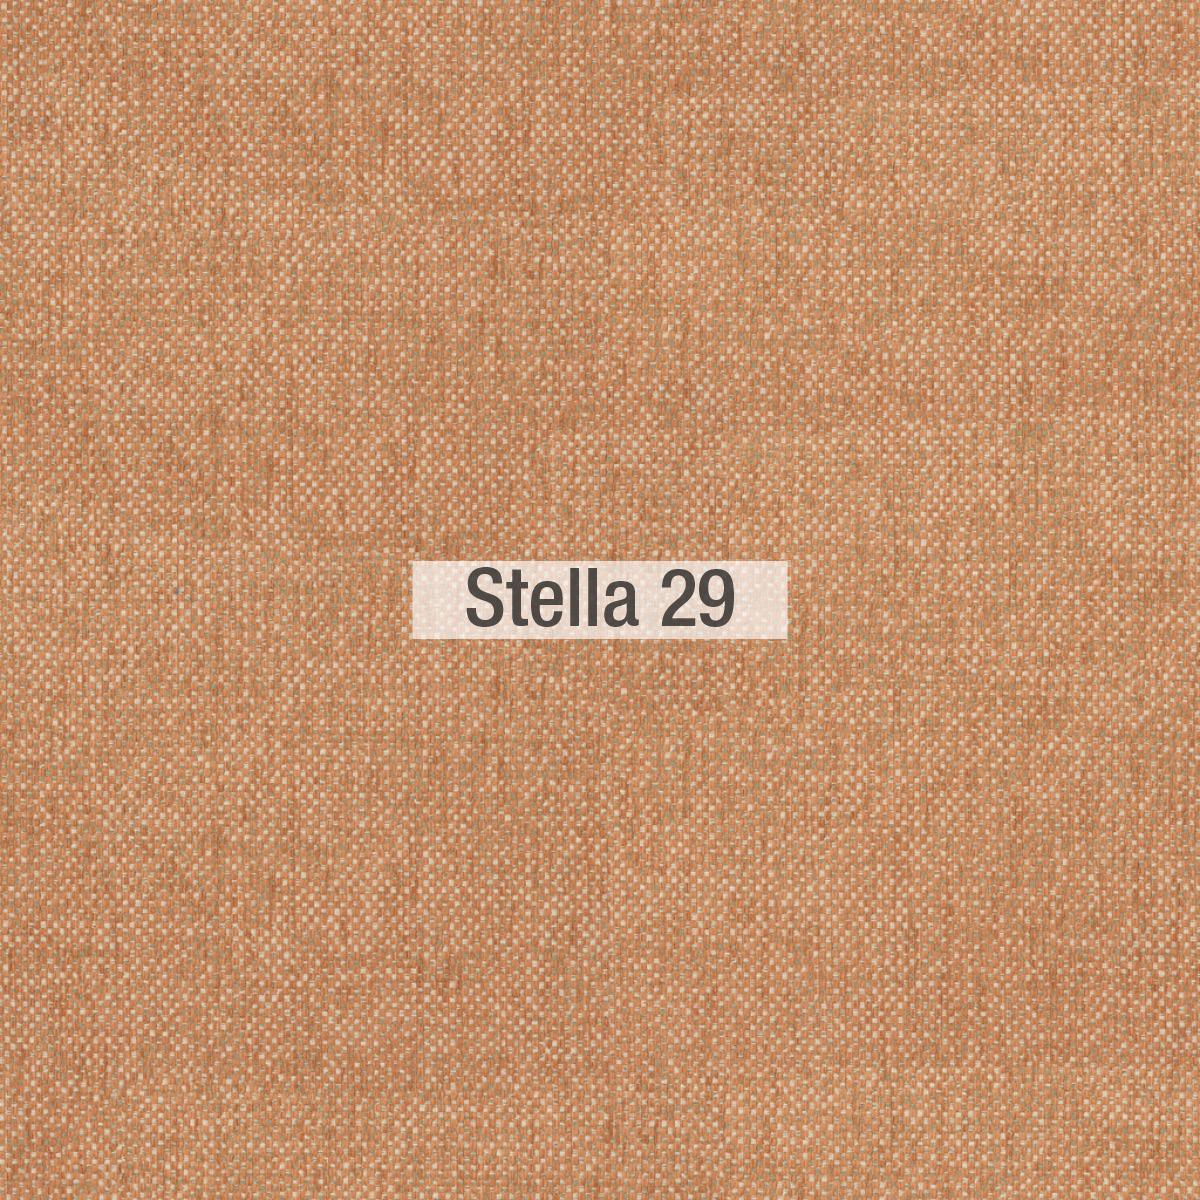 Colores Stella-Dots tela Fama 2020 03